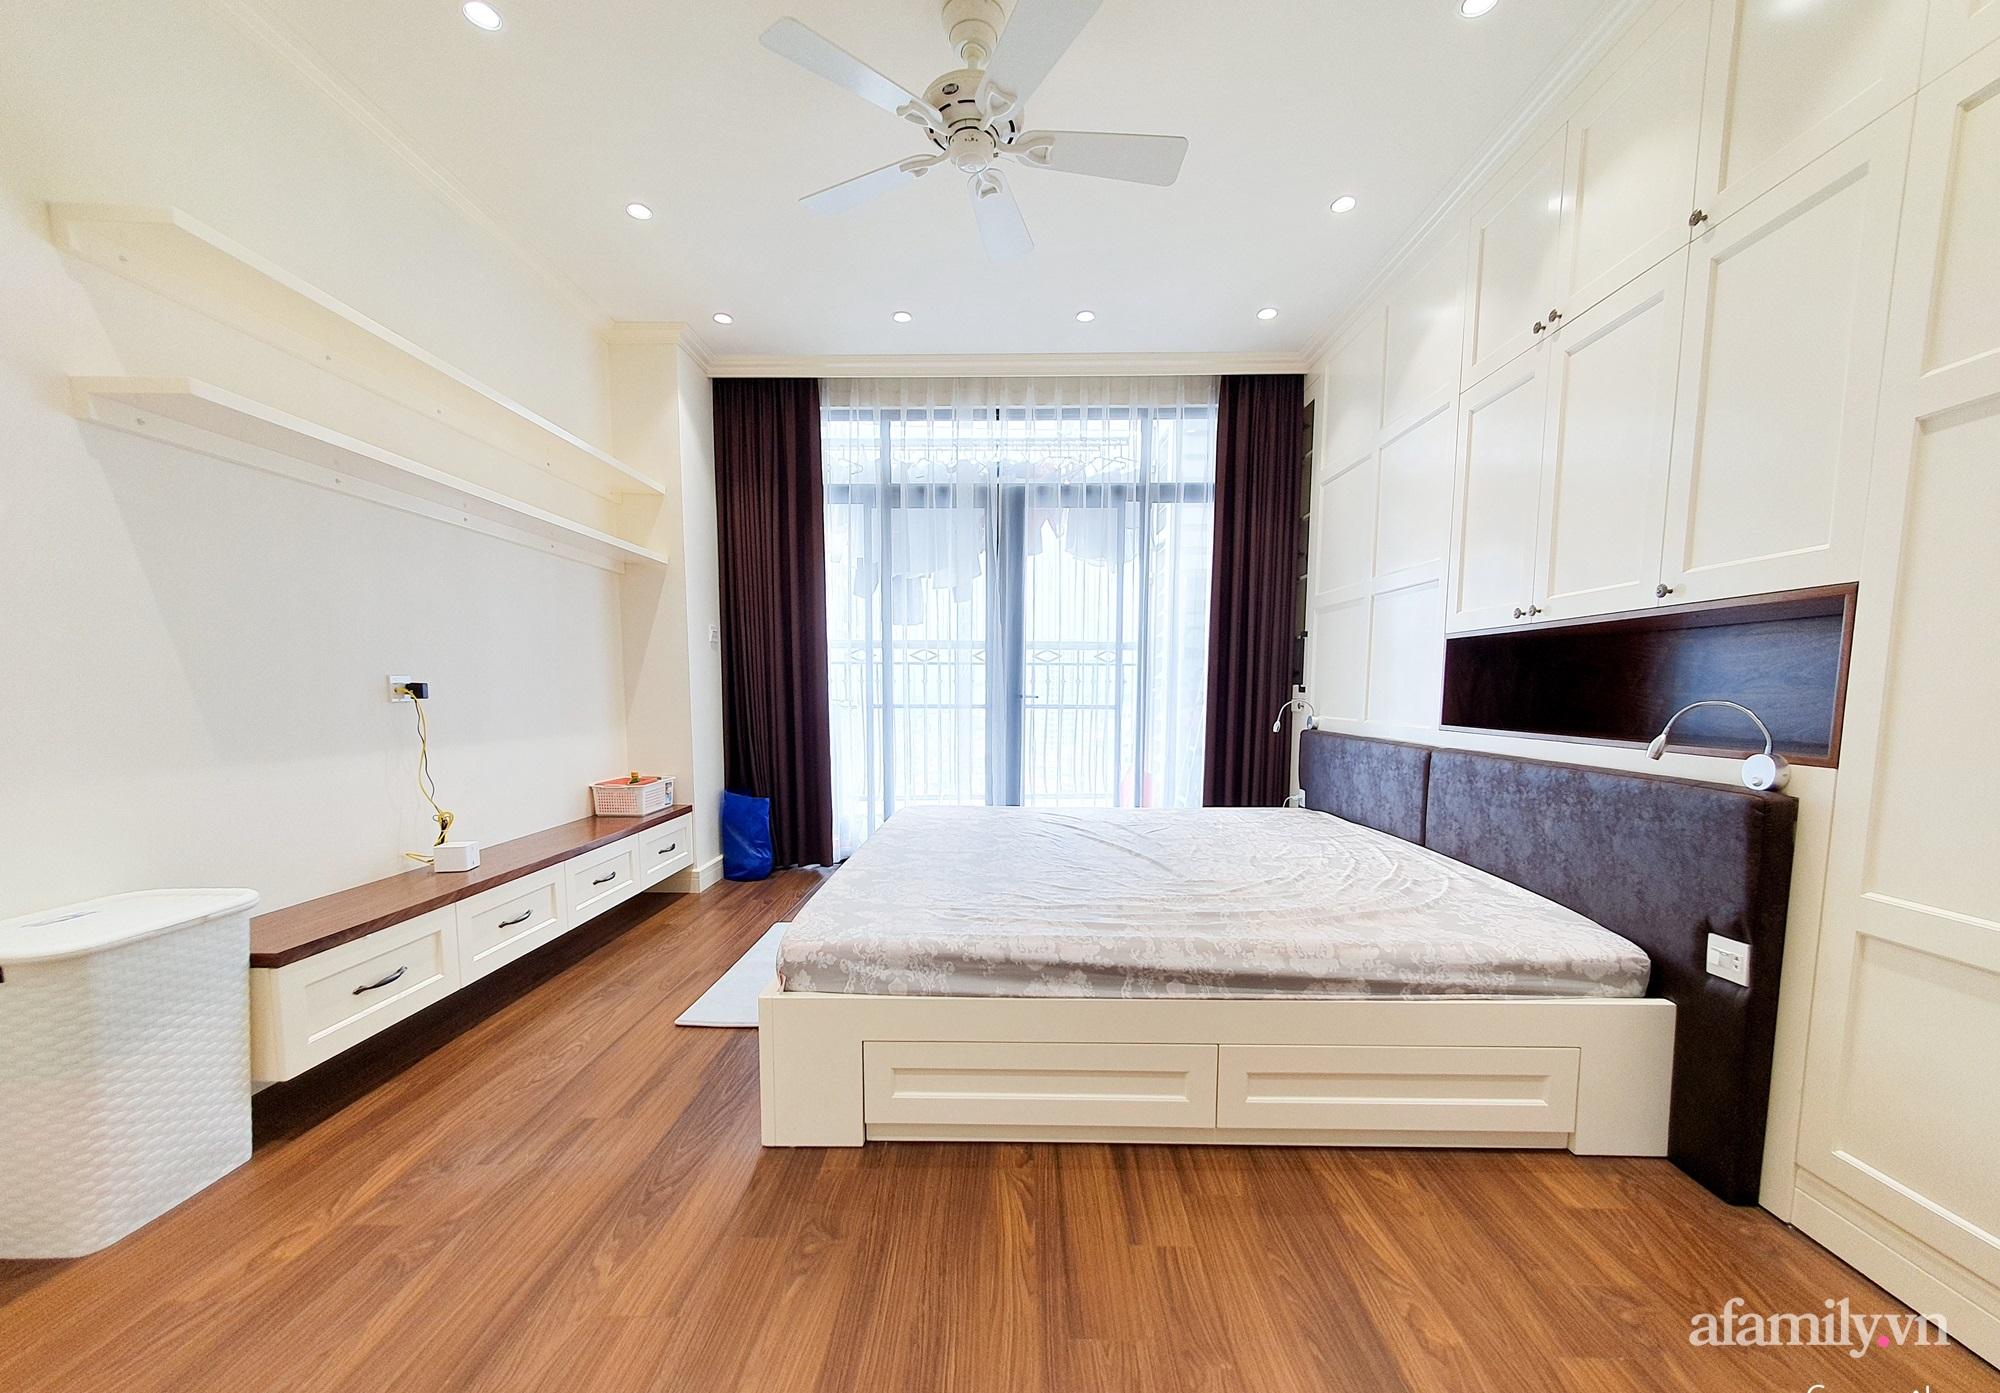 Căn hộ 121m² đẹp sang chảnh với phong cách bán cổ điển ở Hà Nội - Ảnh 17.